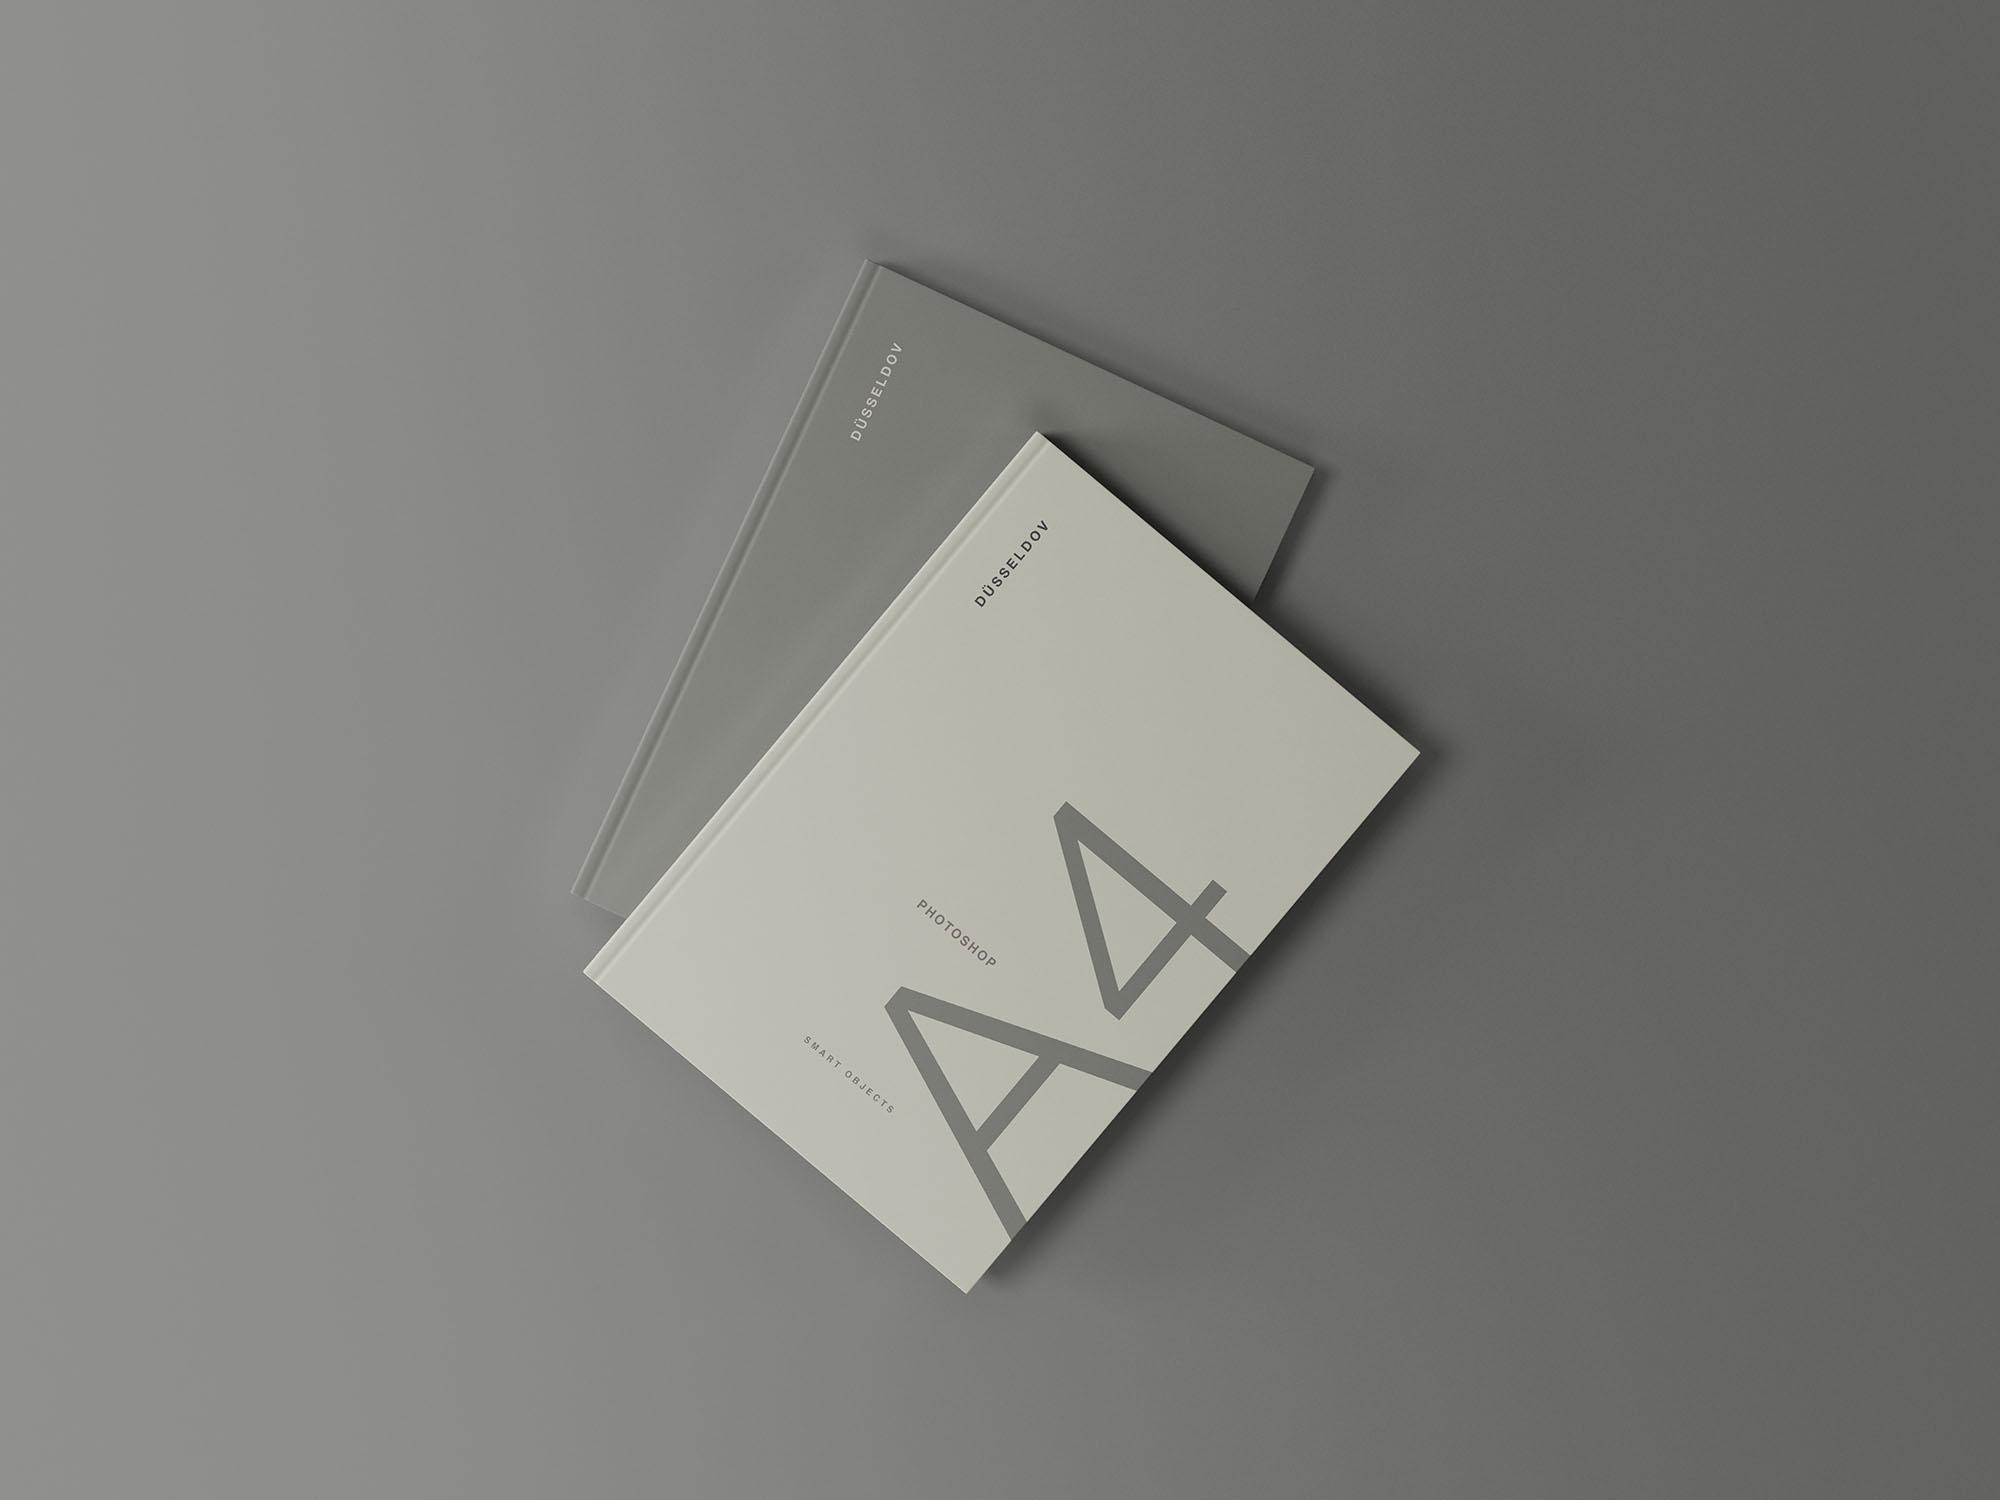 2本精装书画册封面设计效果图样机模板 2 Hardcover Books Mockup插图